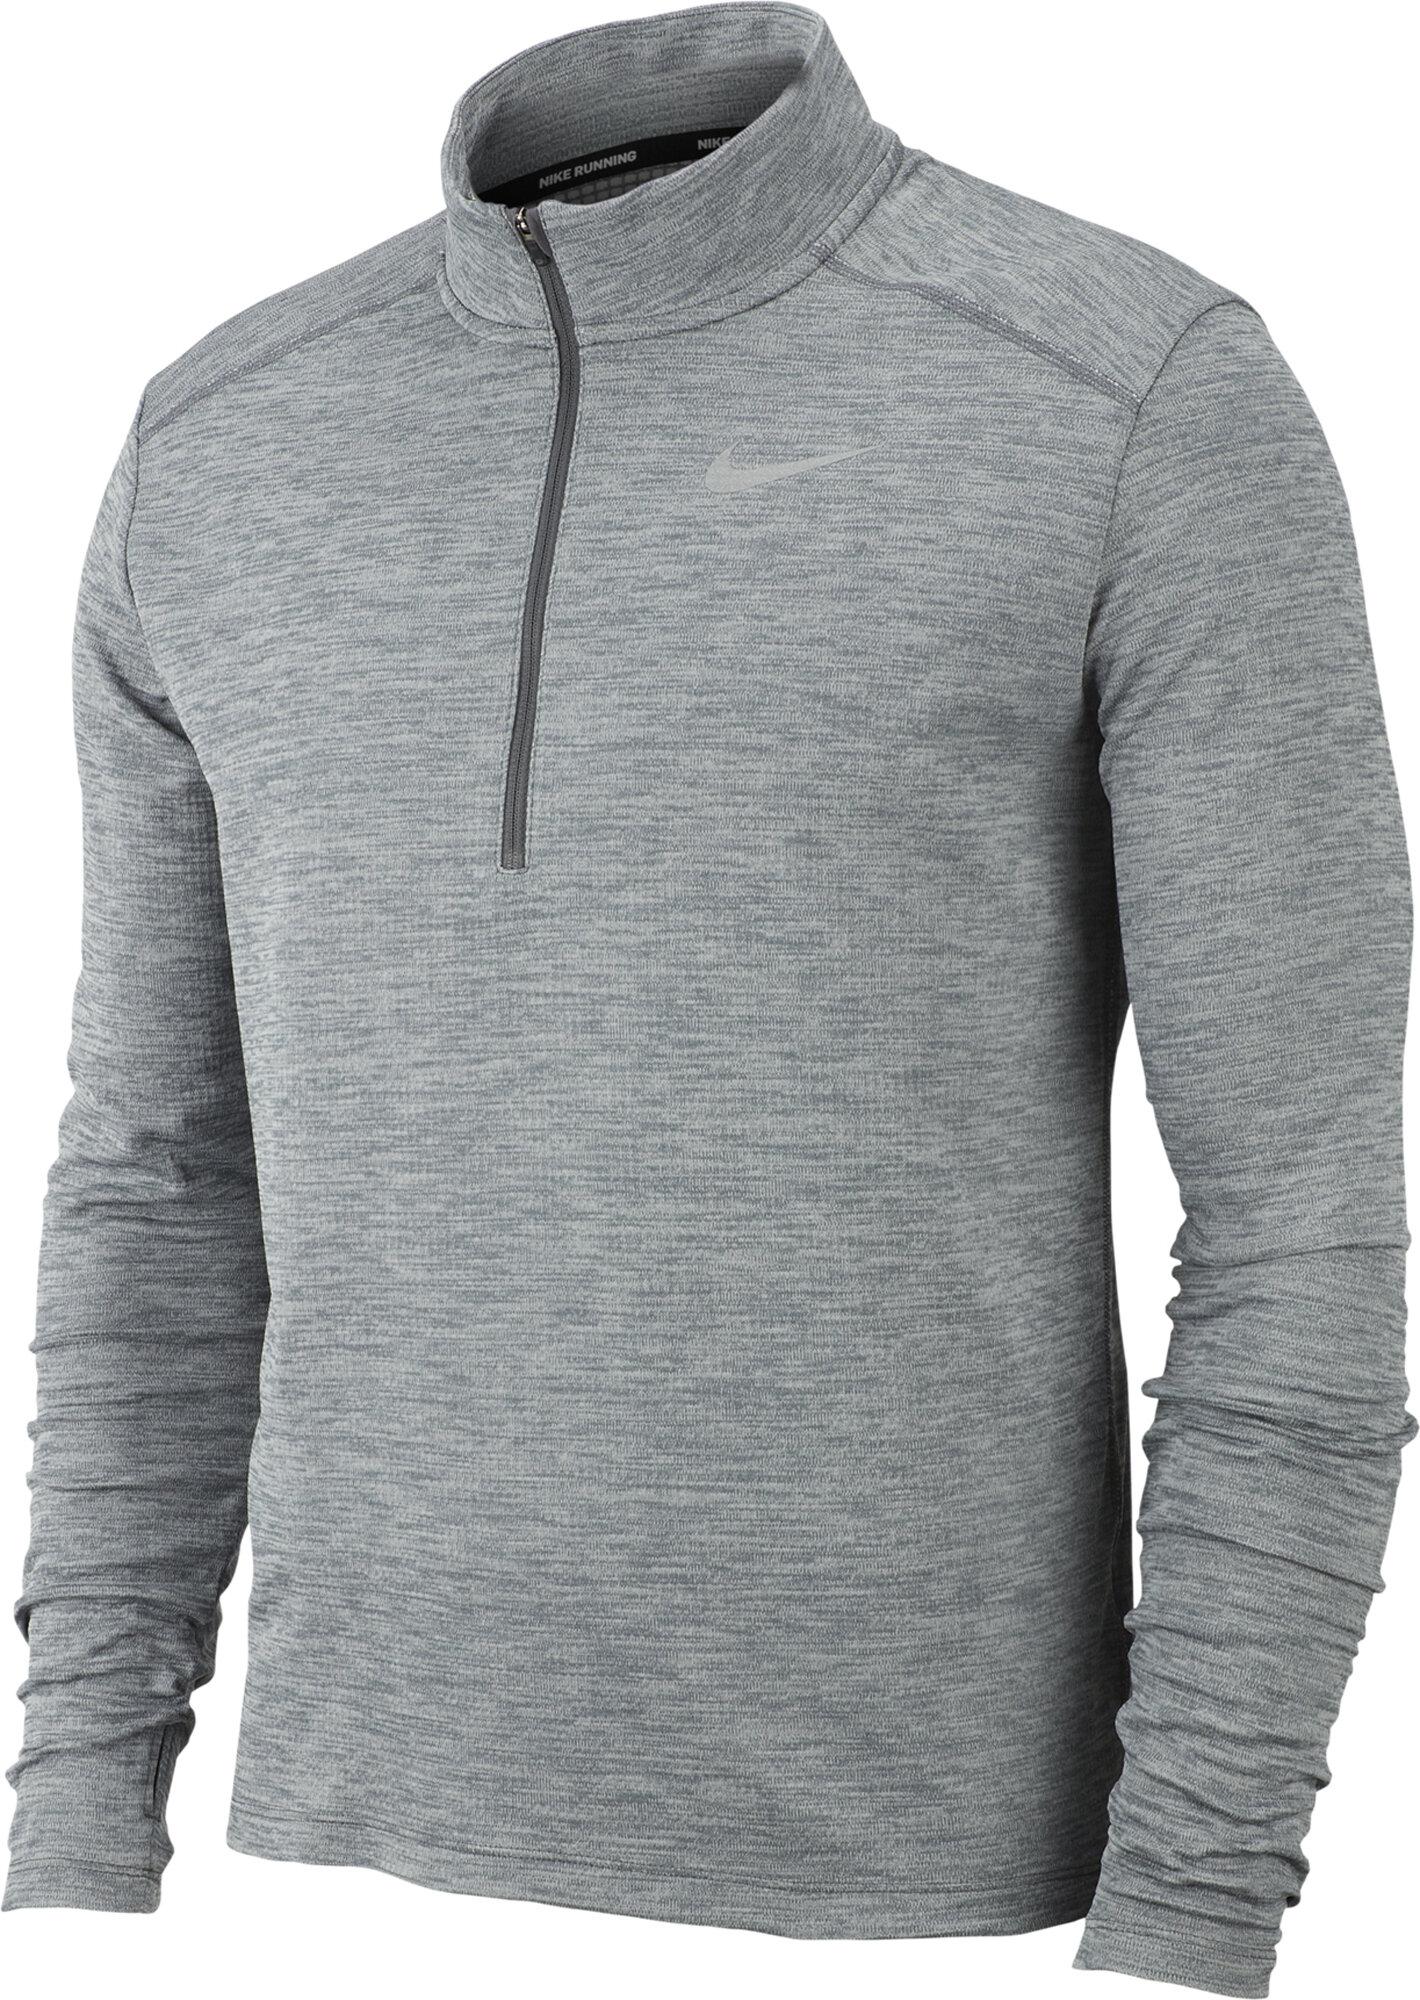 Олимпийка мужская Nike Pacer, размер 44-46